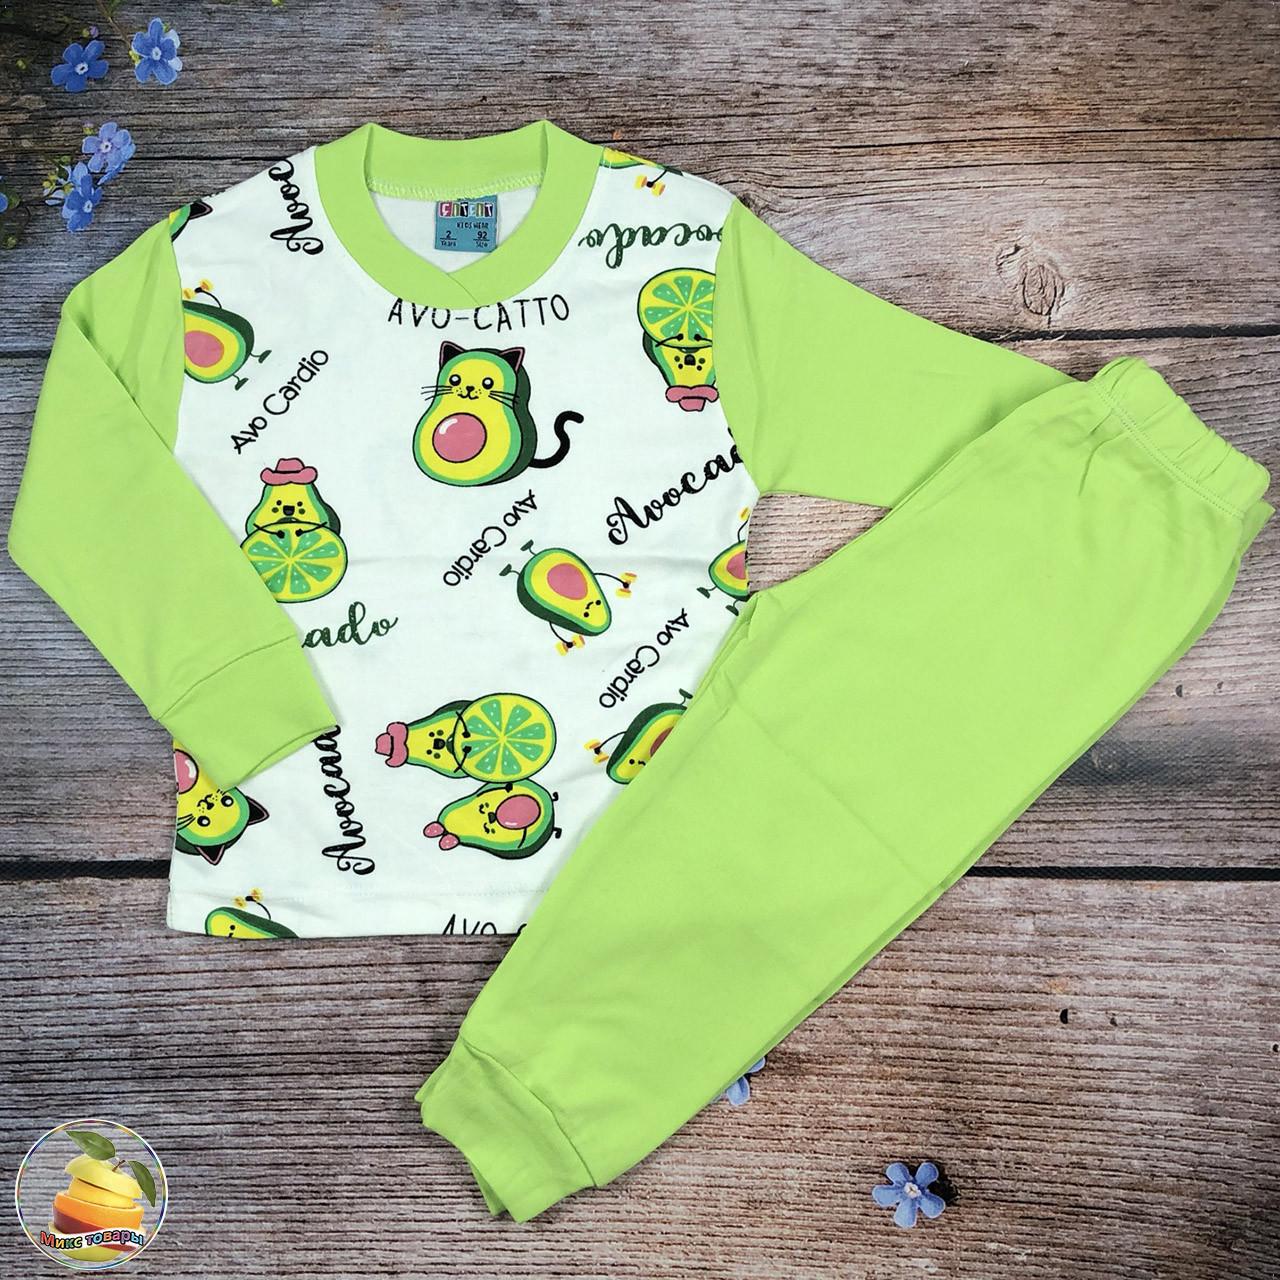 Пижамка с авокадо для малышей Размеры: 86,92,98,104 см (21109)